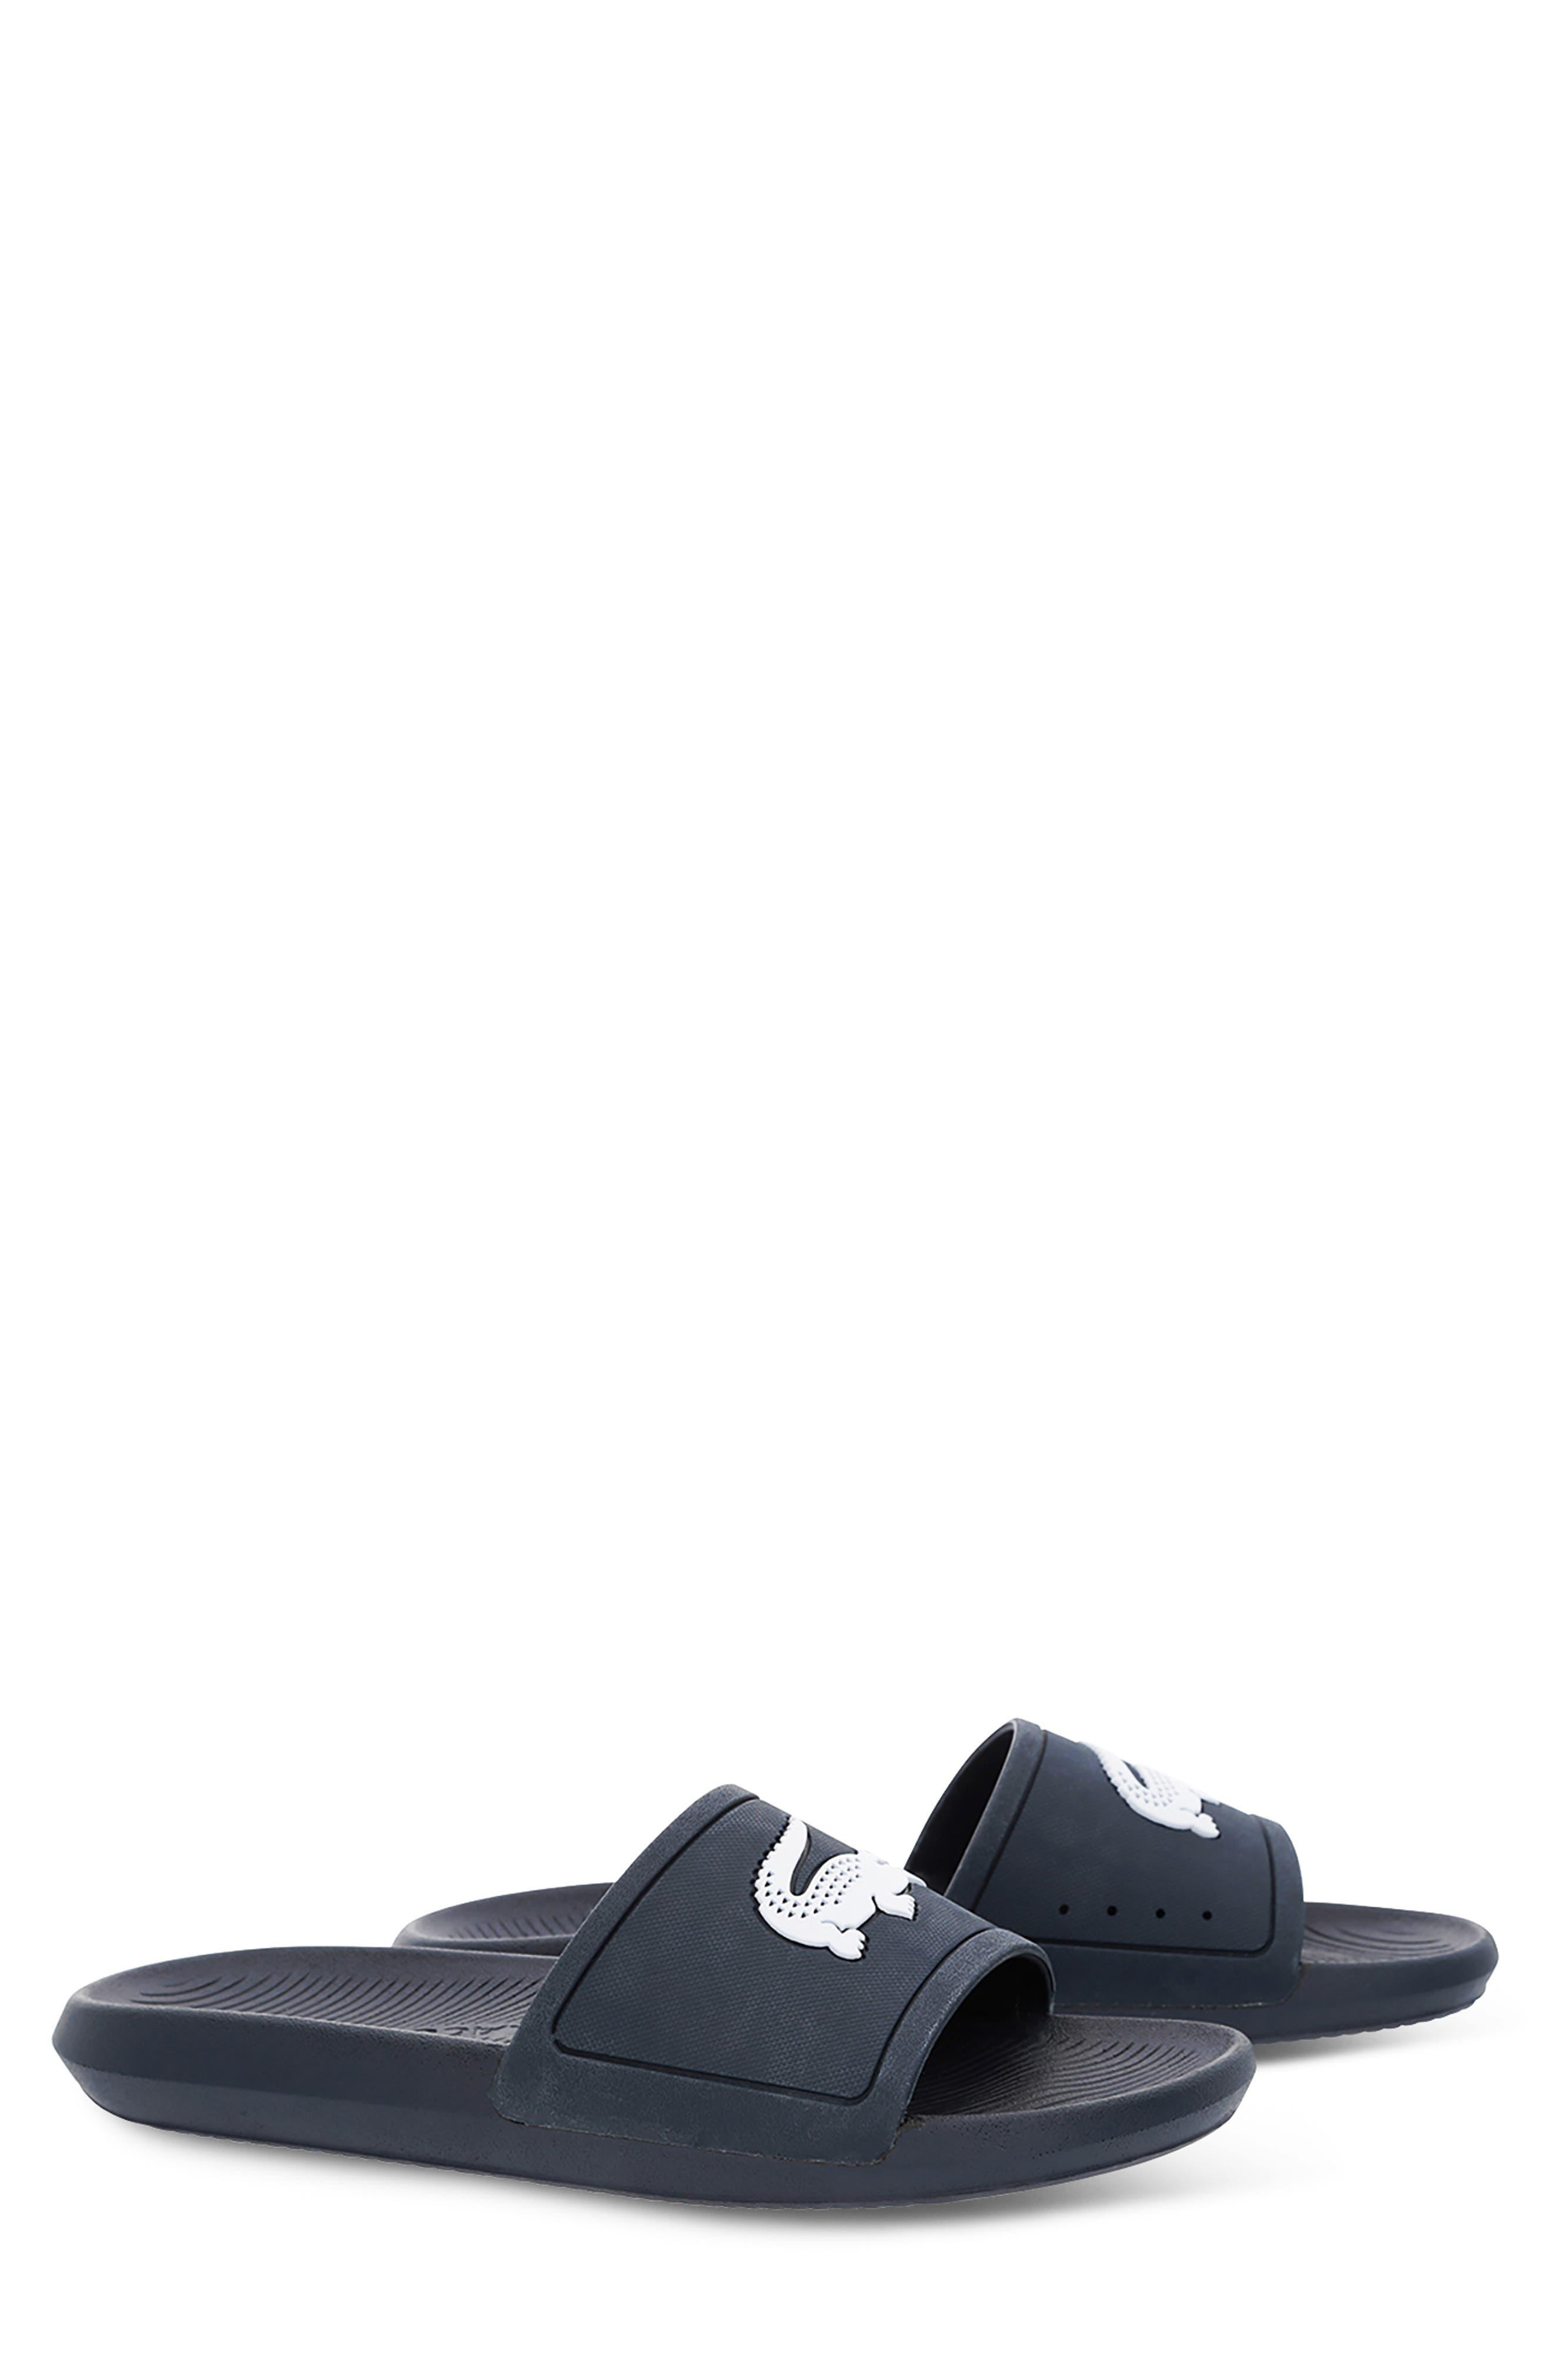 85d6dec0cb0ac Lacoste Croco Slide Sandal